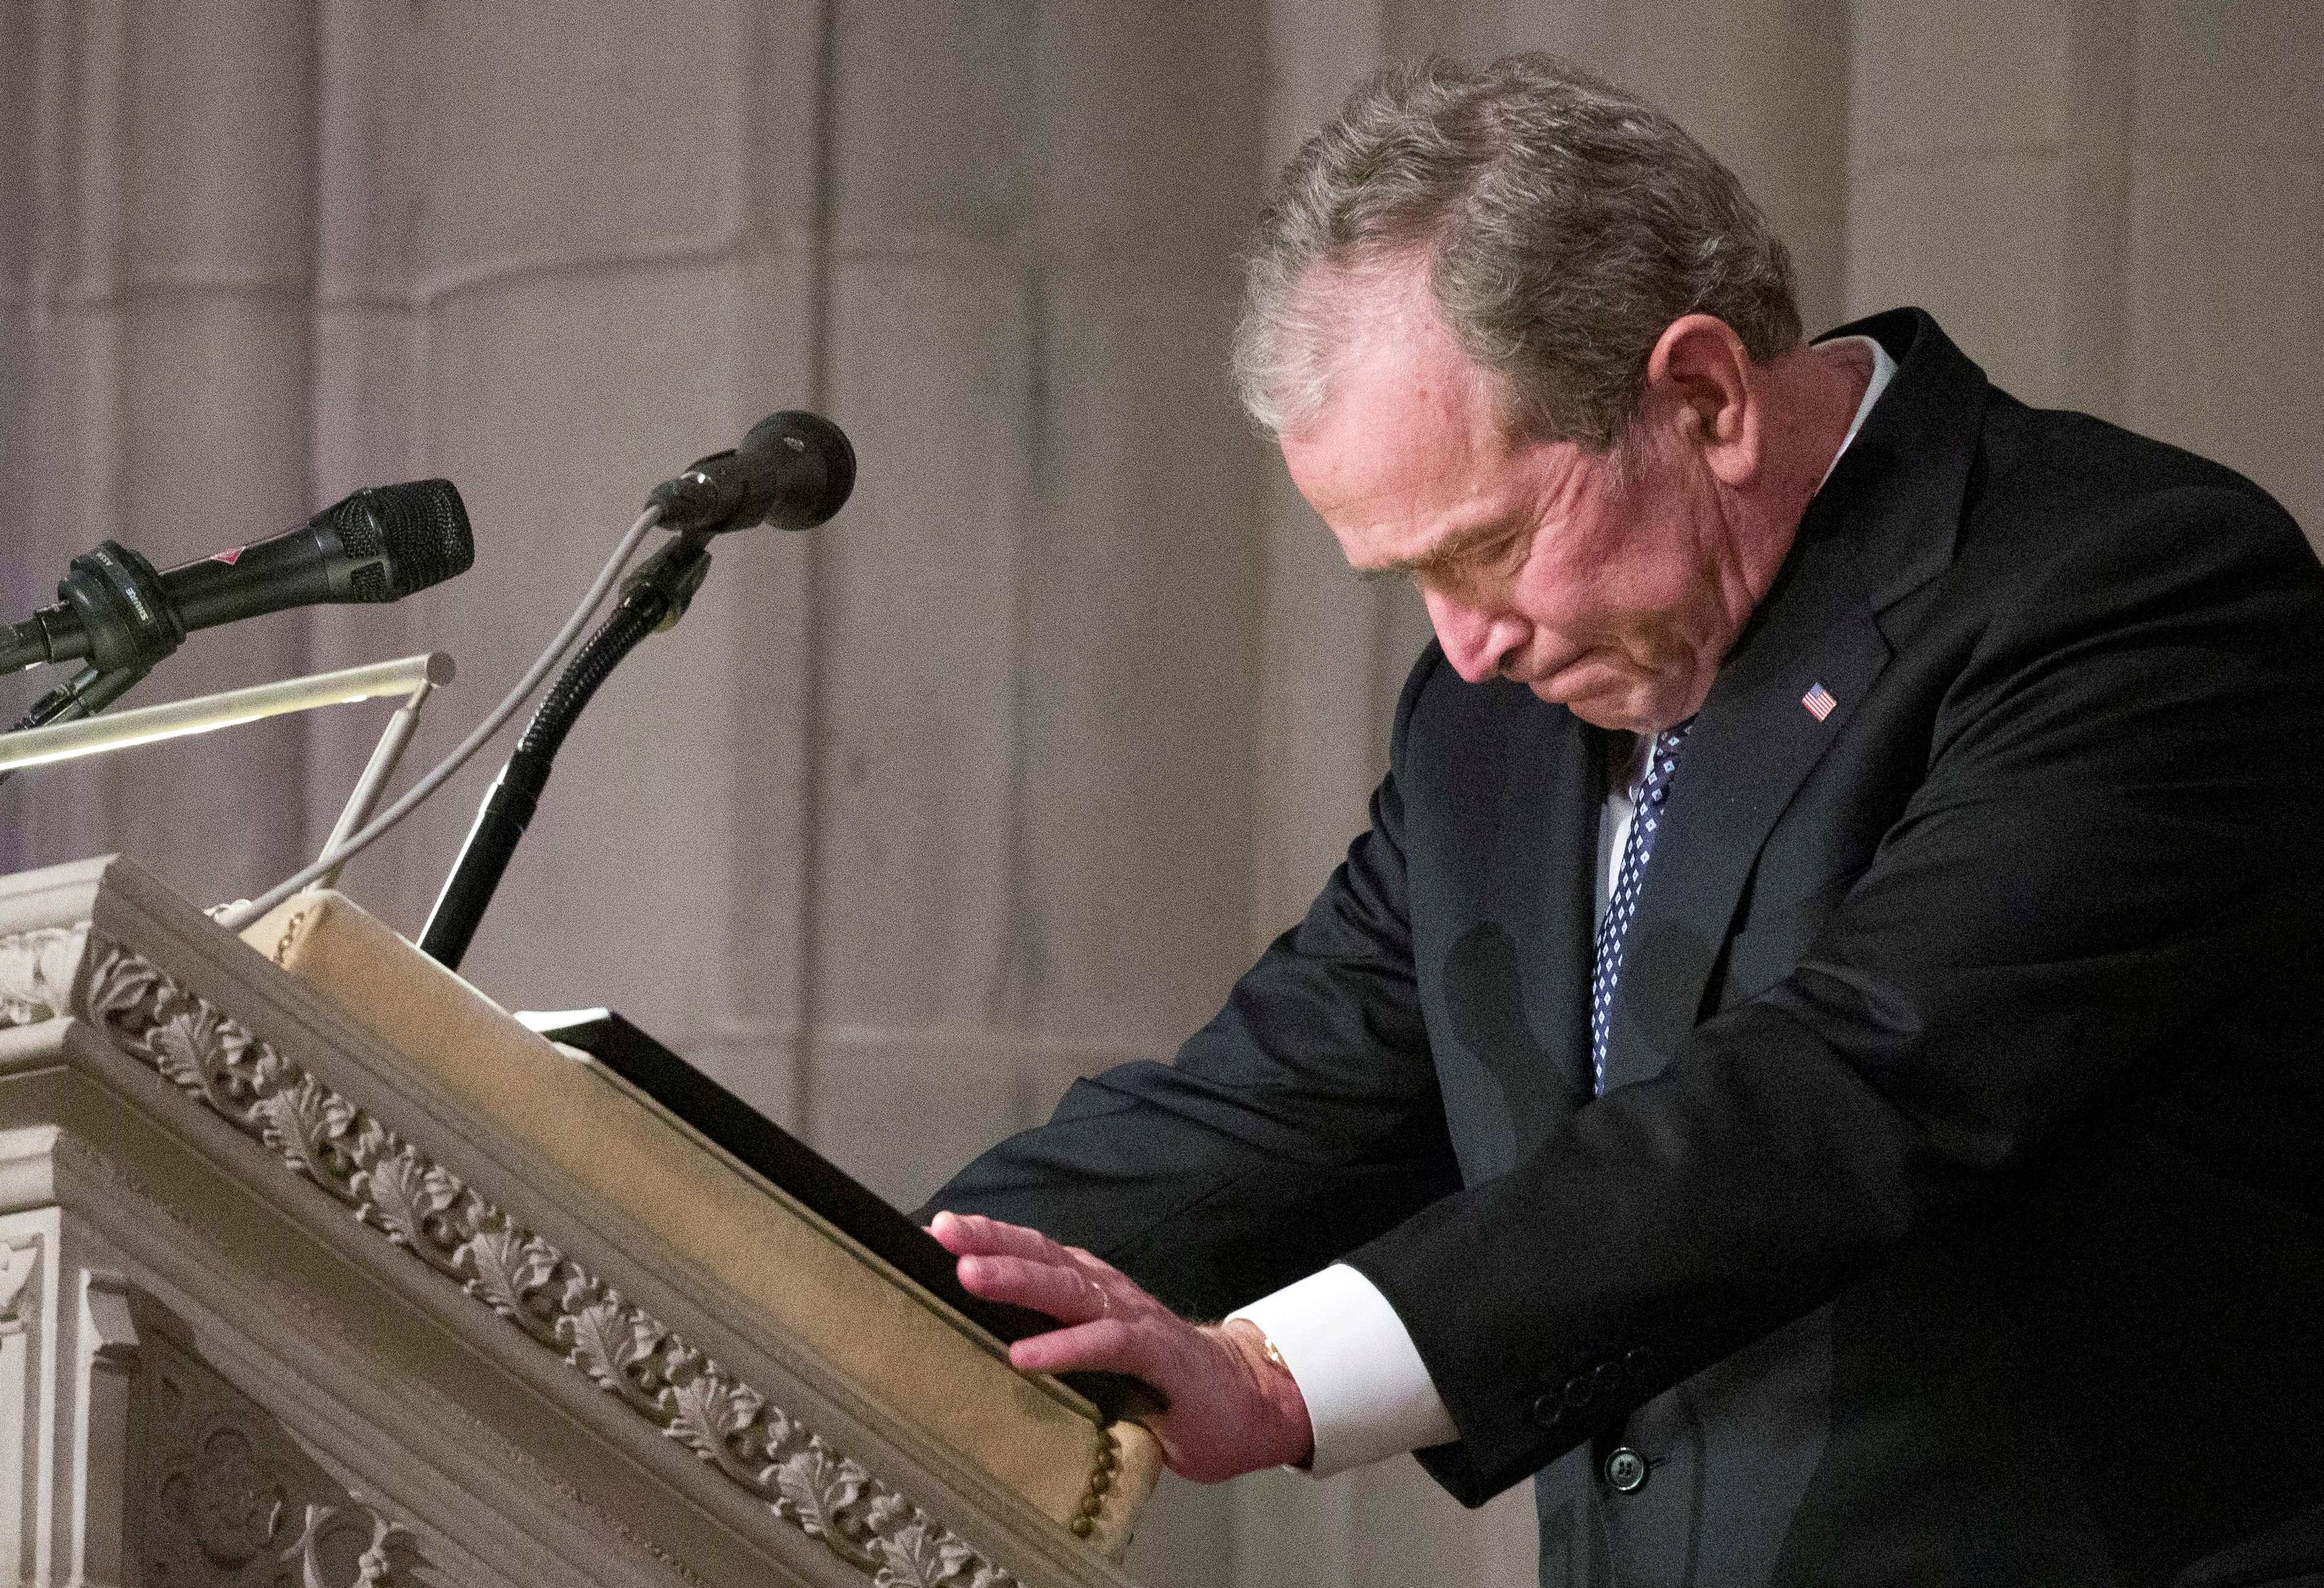 انطلاق مراسم جنازة الرئيس الأمريكى جورج بوش الأب (8)